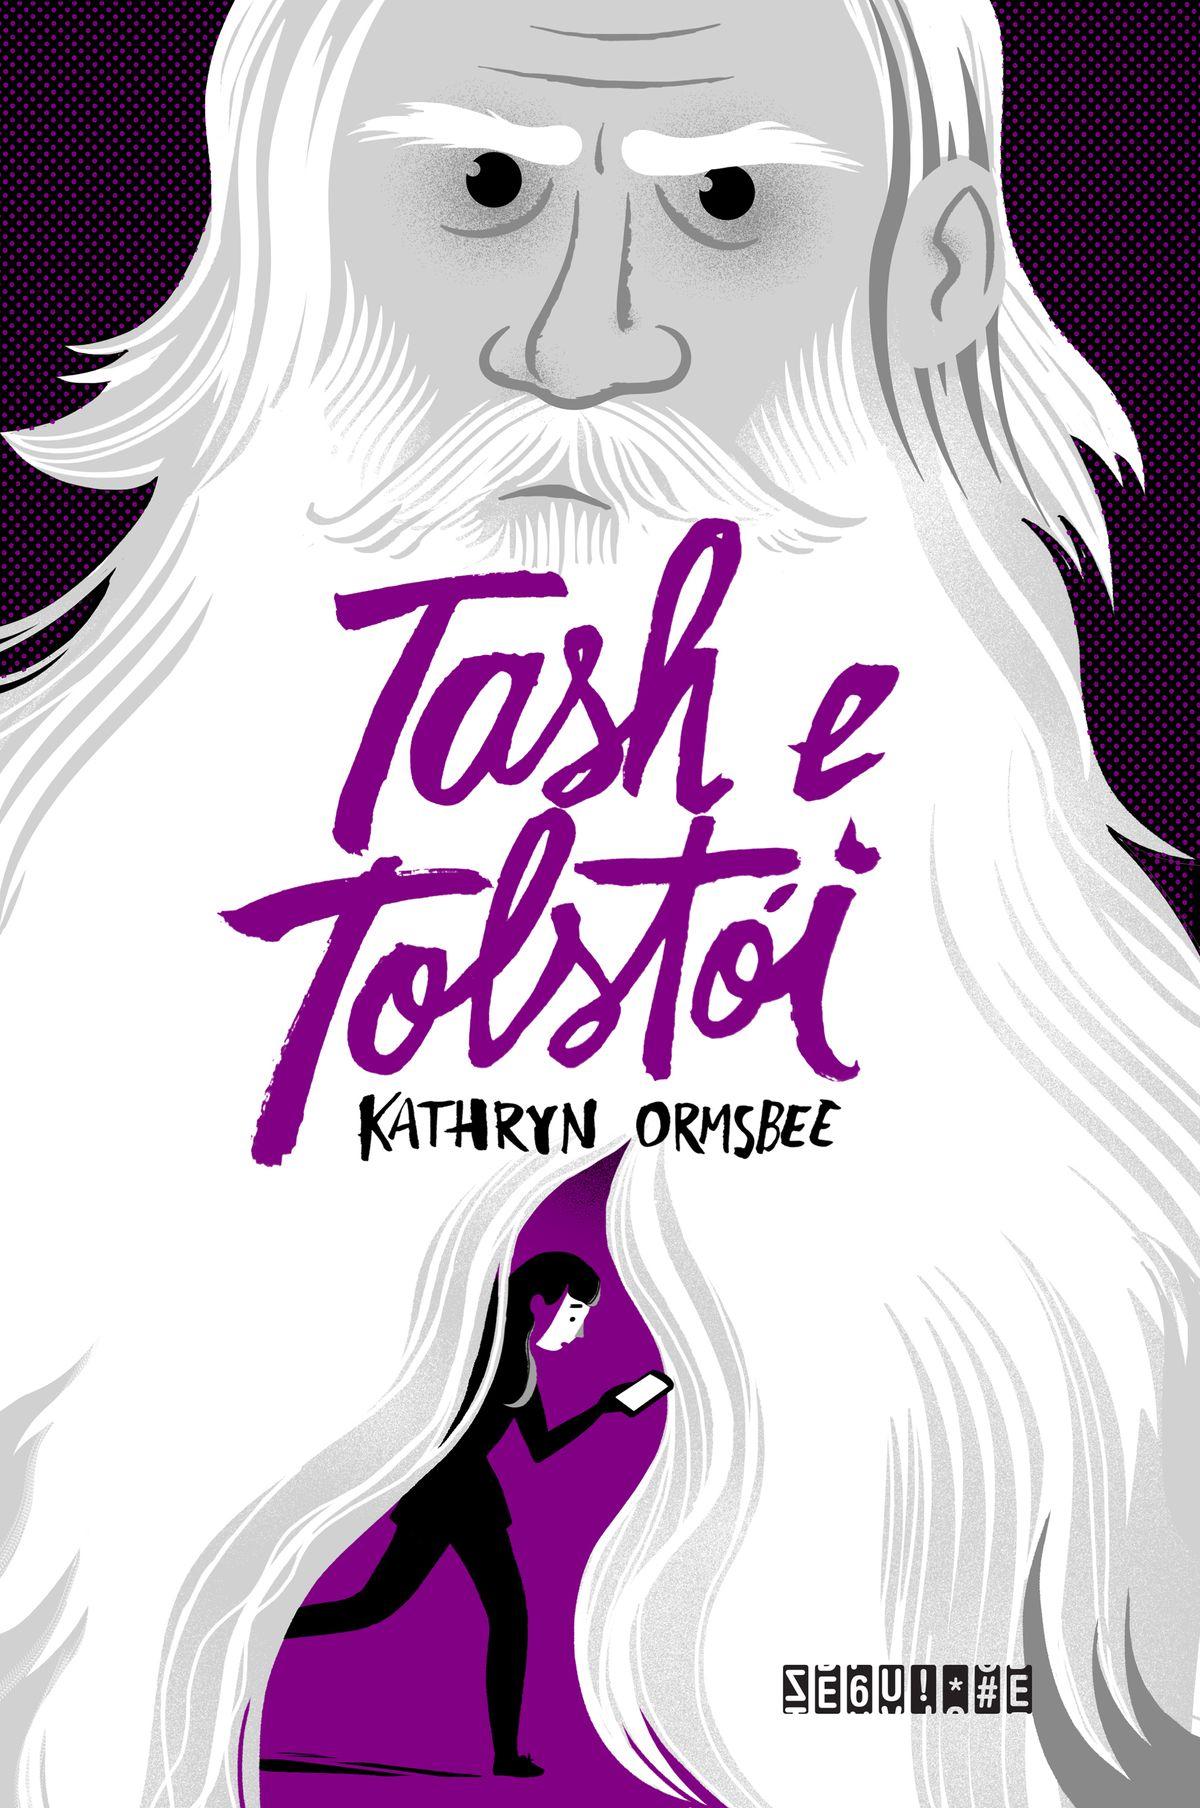 couverture étrangère de Tash Hearts Tolstoy de Kathryn Ormsbee